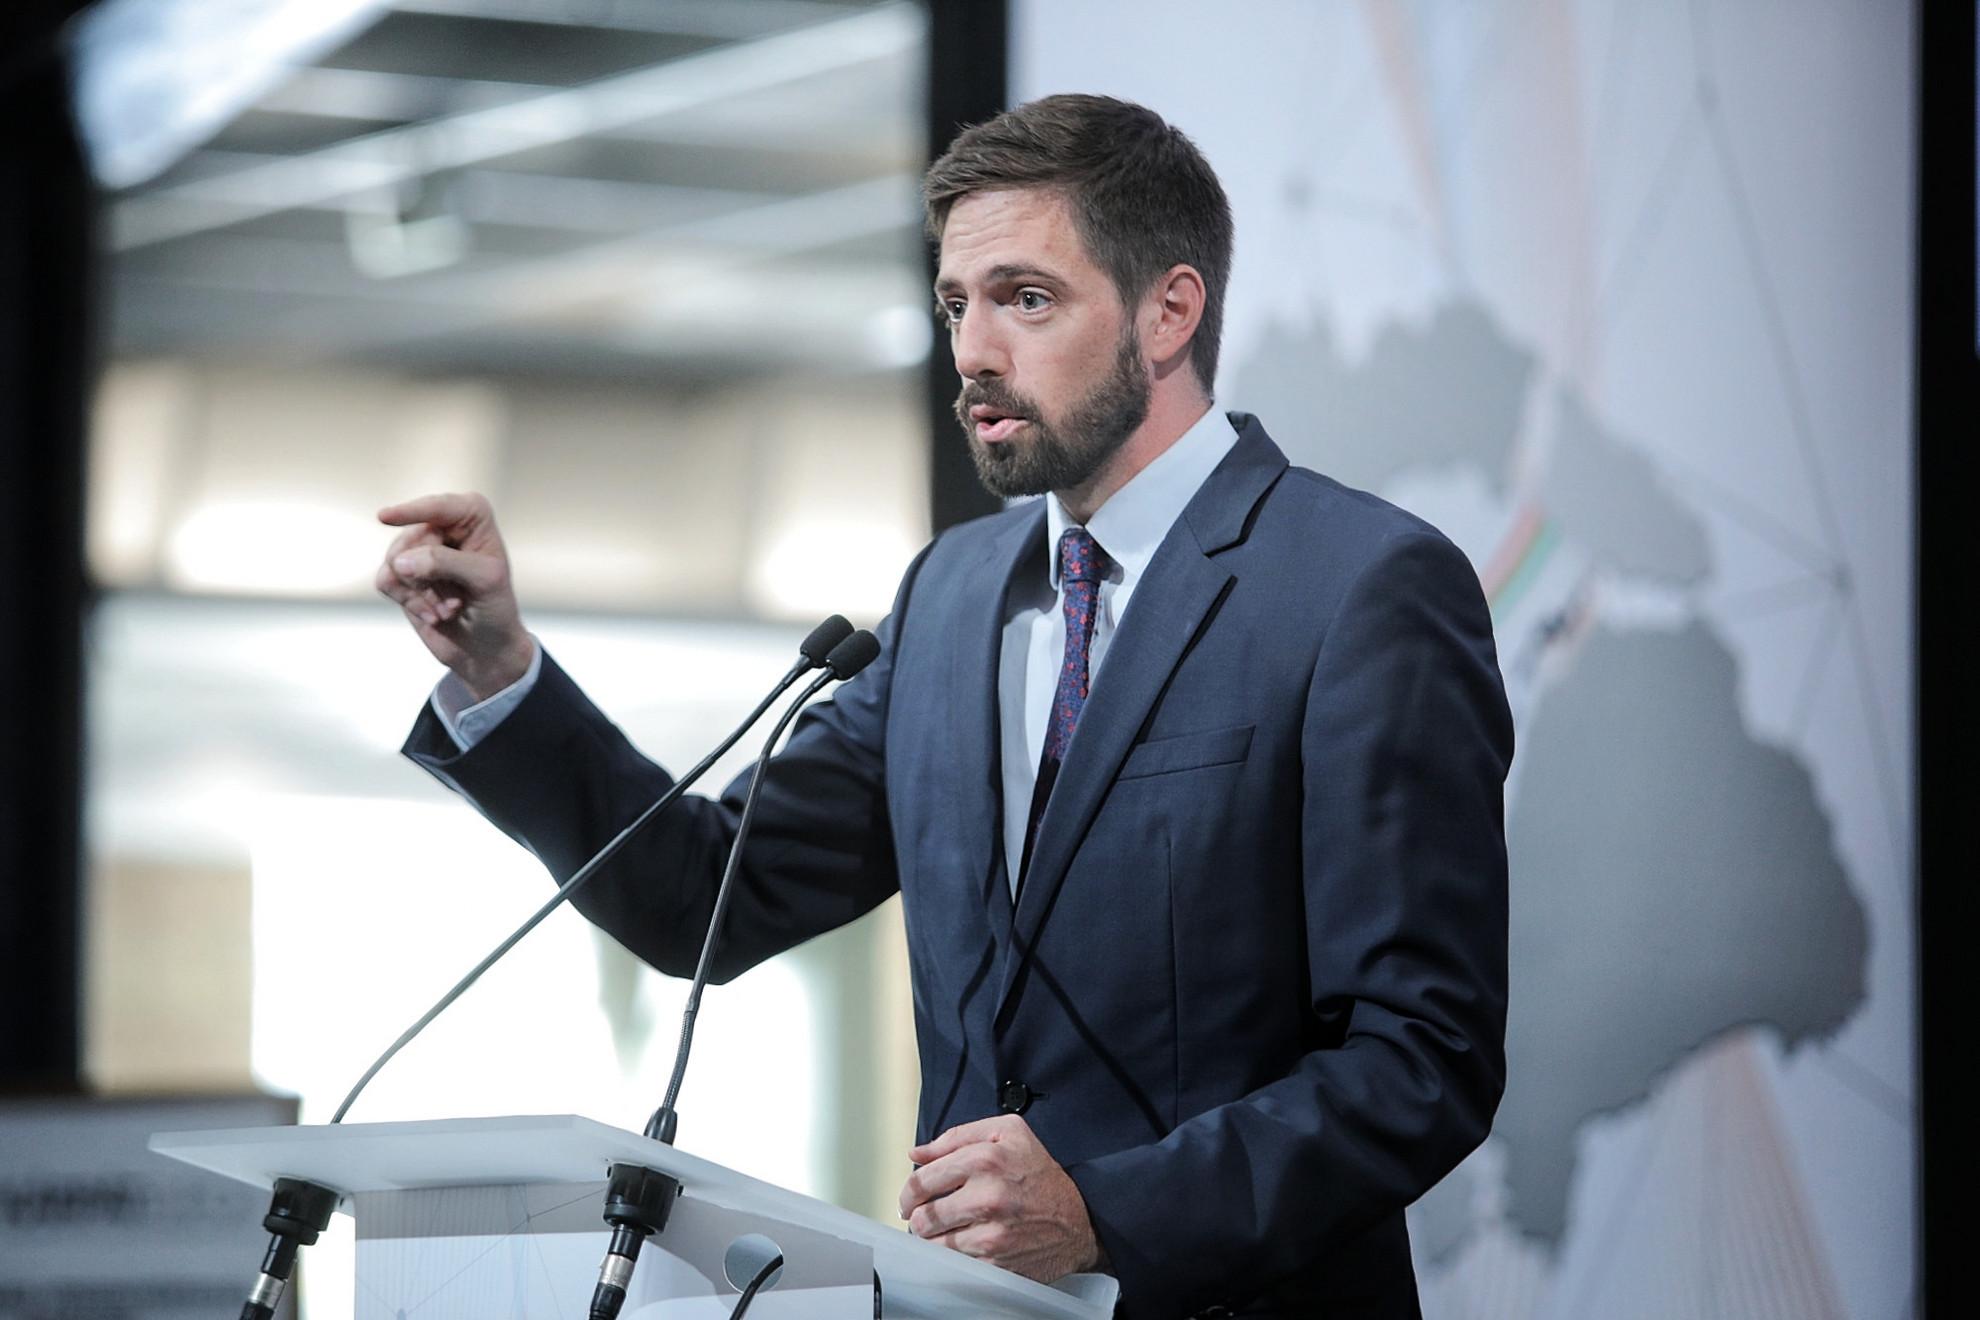 Magyar Levente, a Külgazdasági és Külügyminisztérium parlamenti államtitkára beszédet tart a Kárpát-medencei Gazdasági Konferencia és Kiállítás megnyitóján